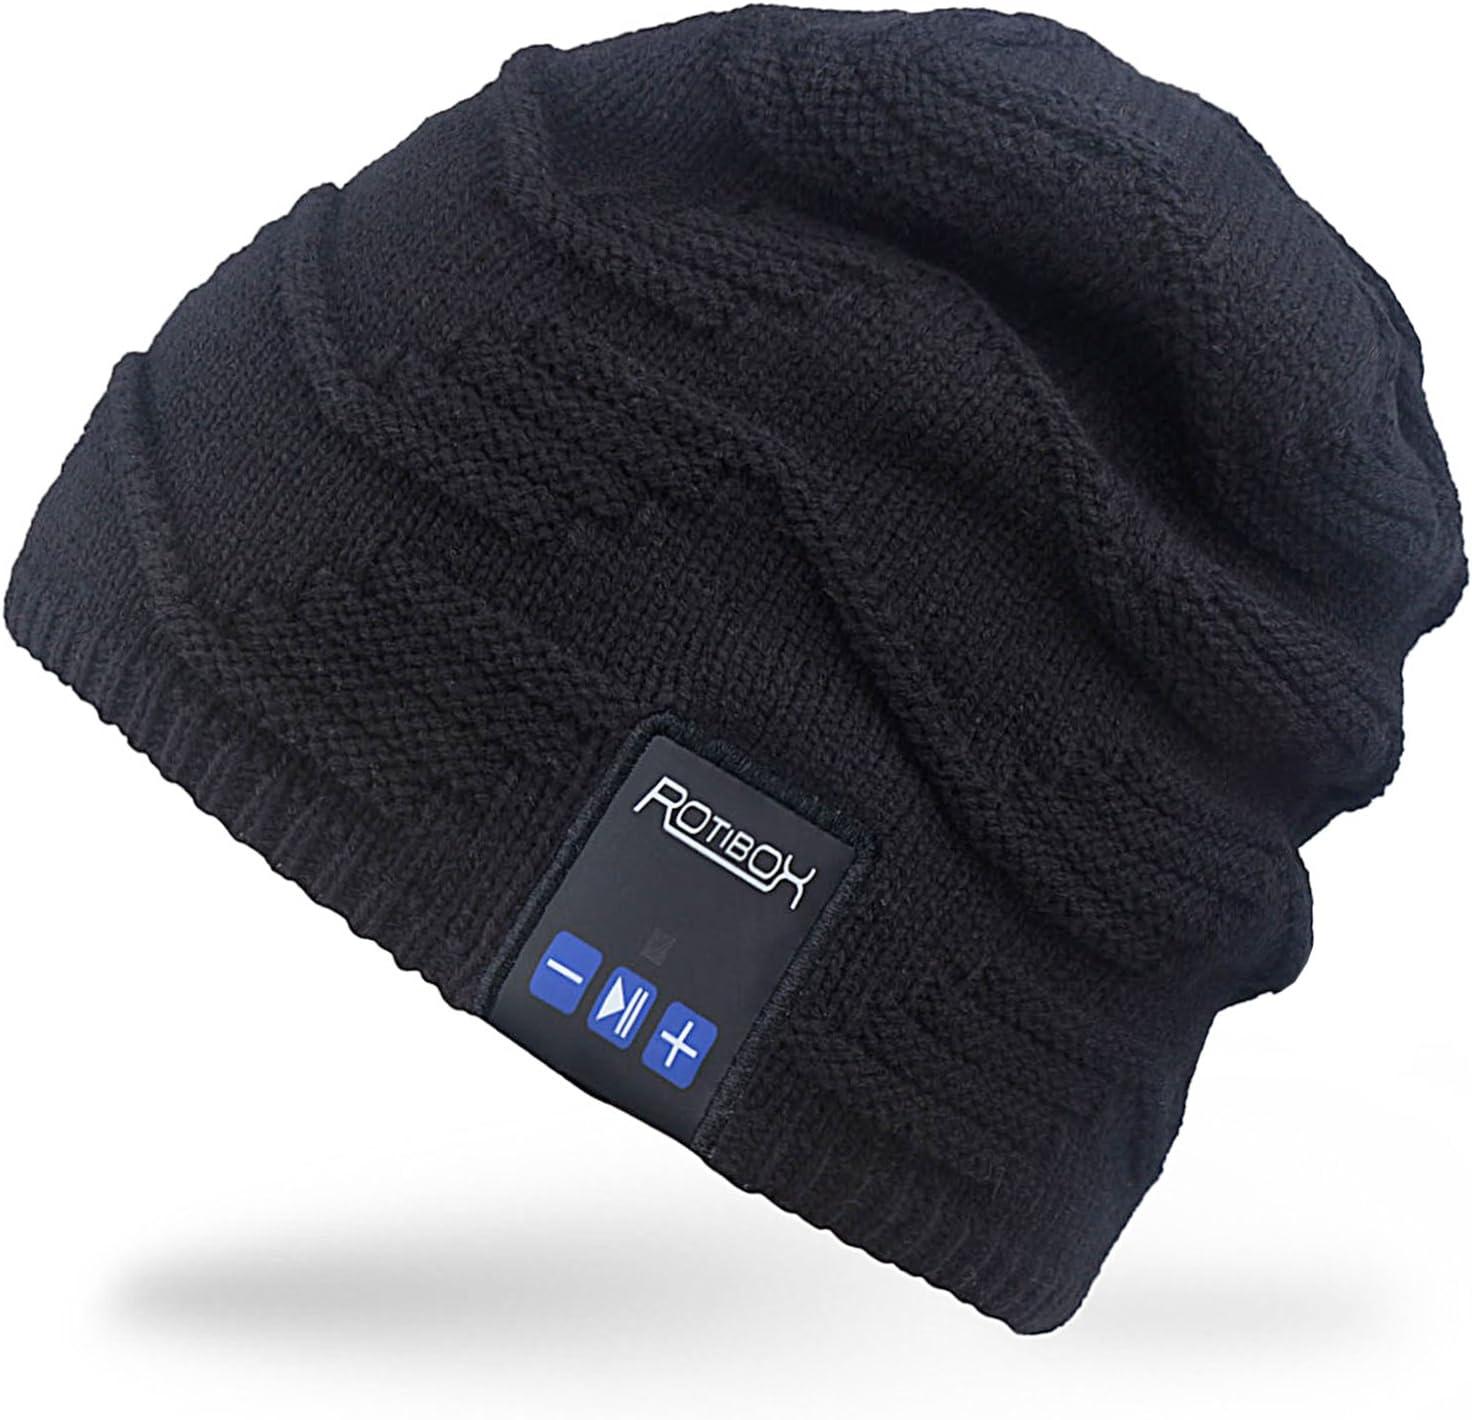 Al aire libre Rotibox Bluetooth Beanie Hat - música gorro Pom Pom W/Bluetooth estéreo altavoz auriculares, micrófono, manos libres y batería recargable - Compatible con teléfonos móviles